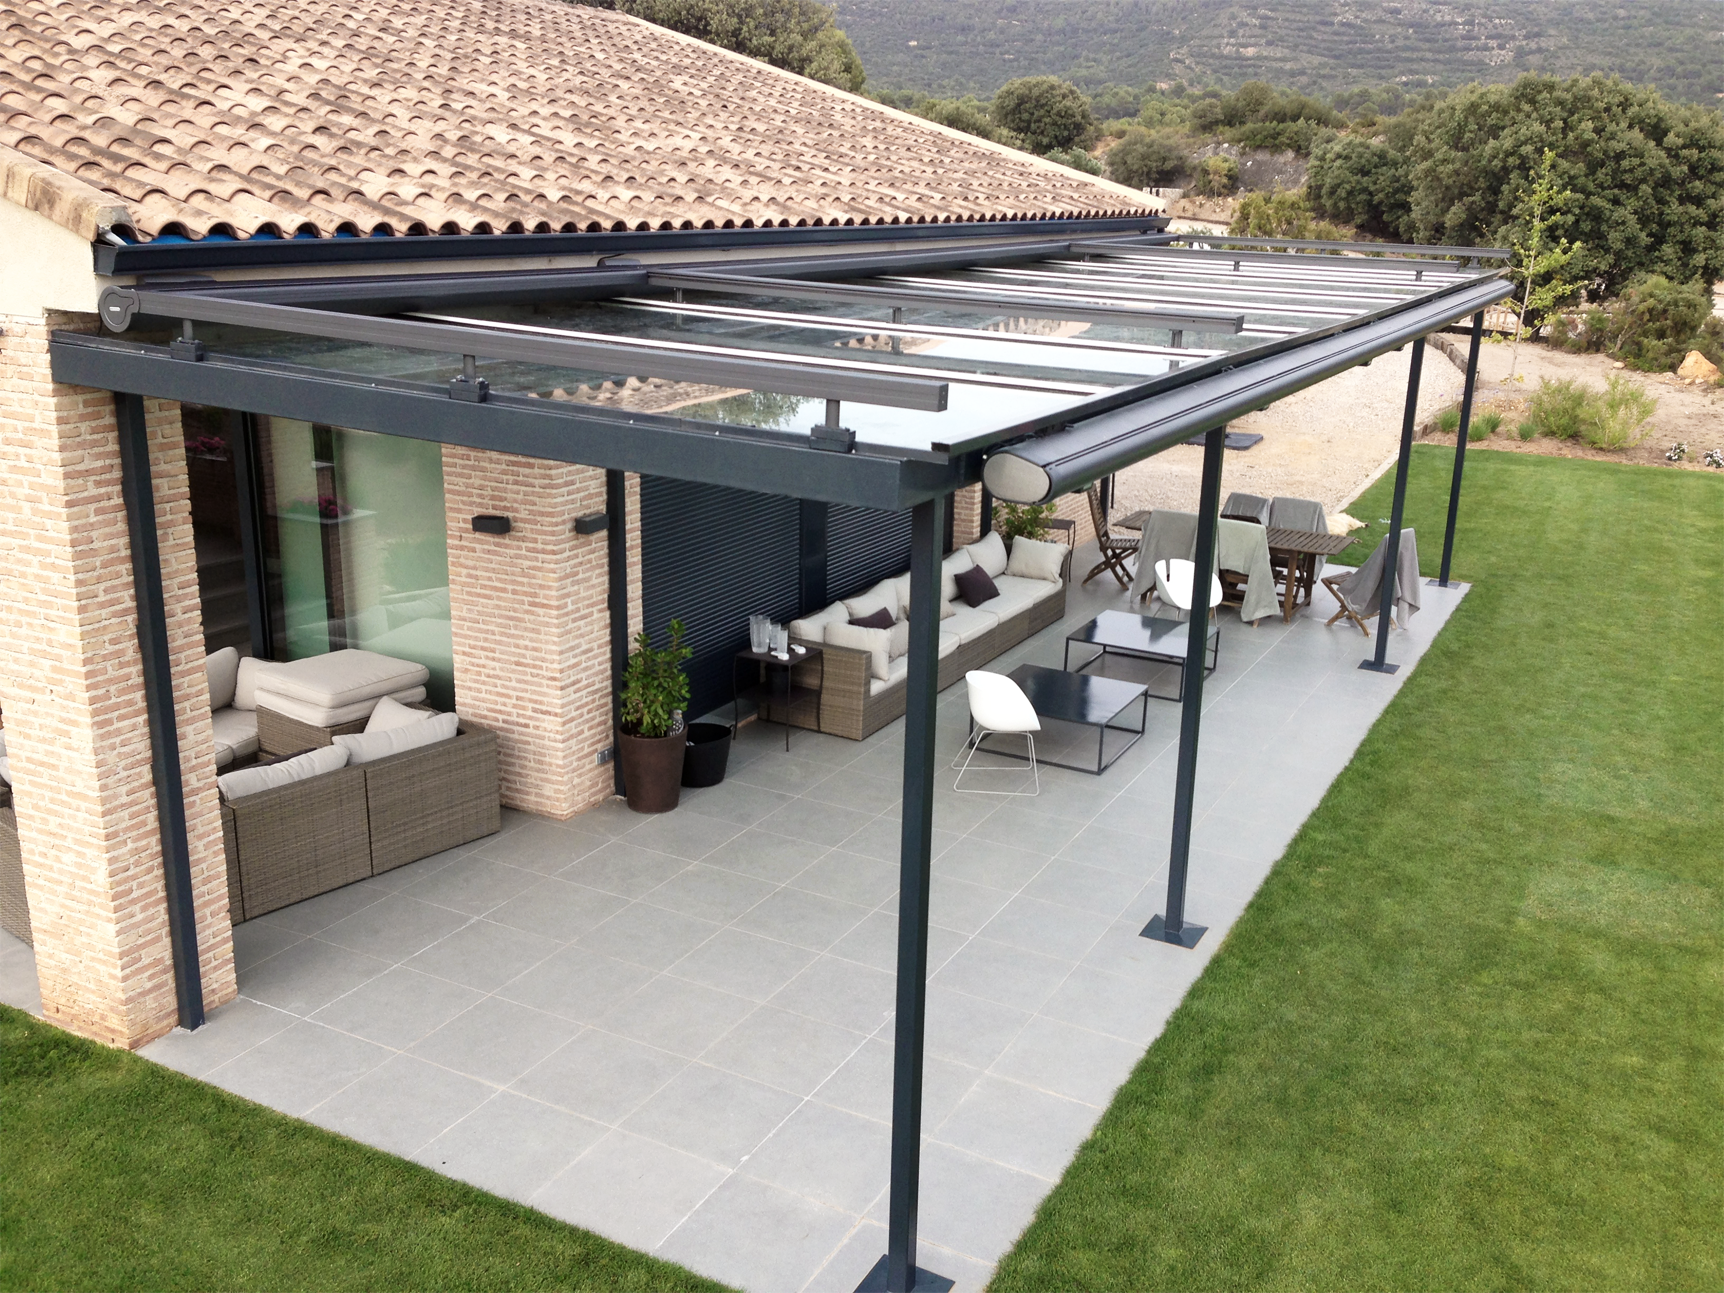 Toldos cofre para dosificar la luz solar ventux exclusive - Estructura para toldo enrollable ...